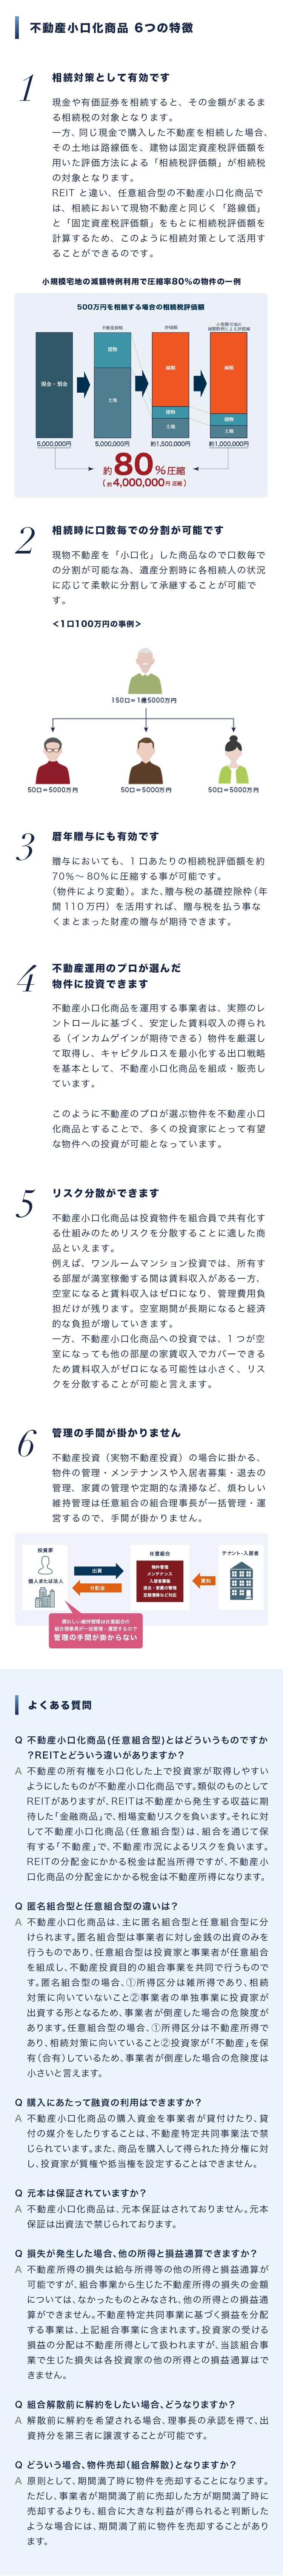 不動産小口化商品6つの特徴